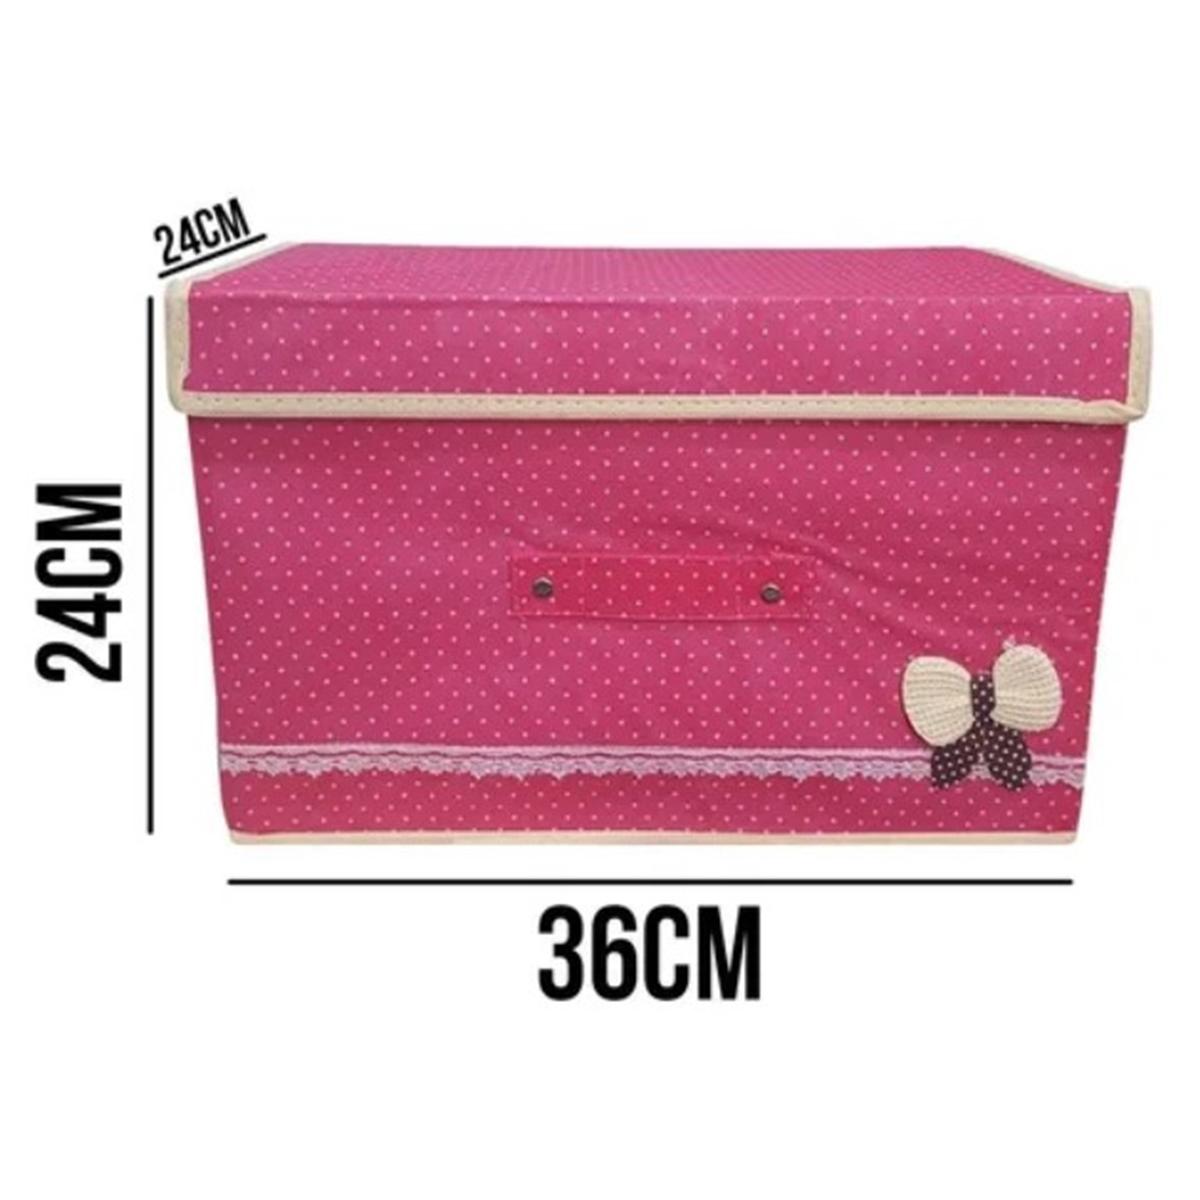 Caixa Organizadora Porta Treco 36X24X24 Guarda Roupa - Amigold AM-0015